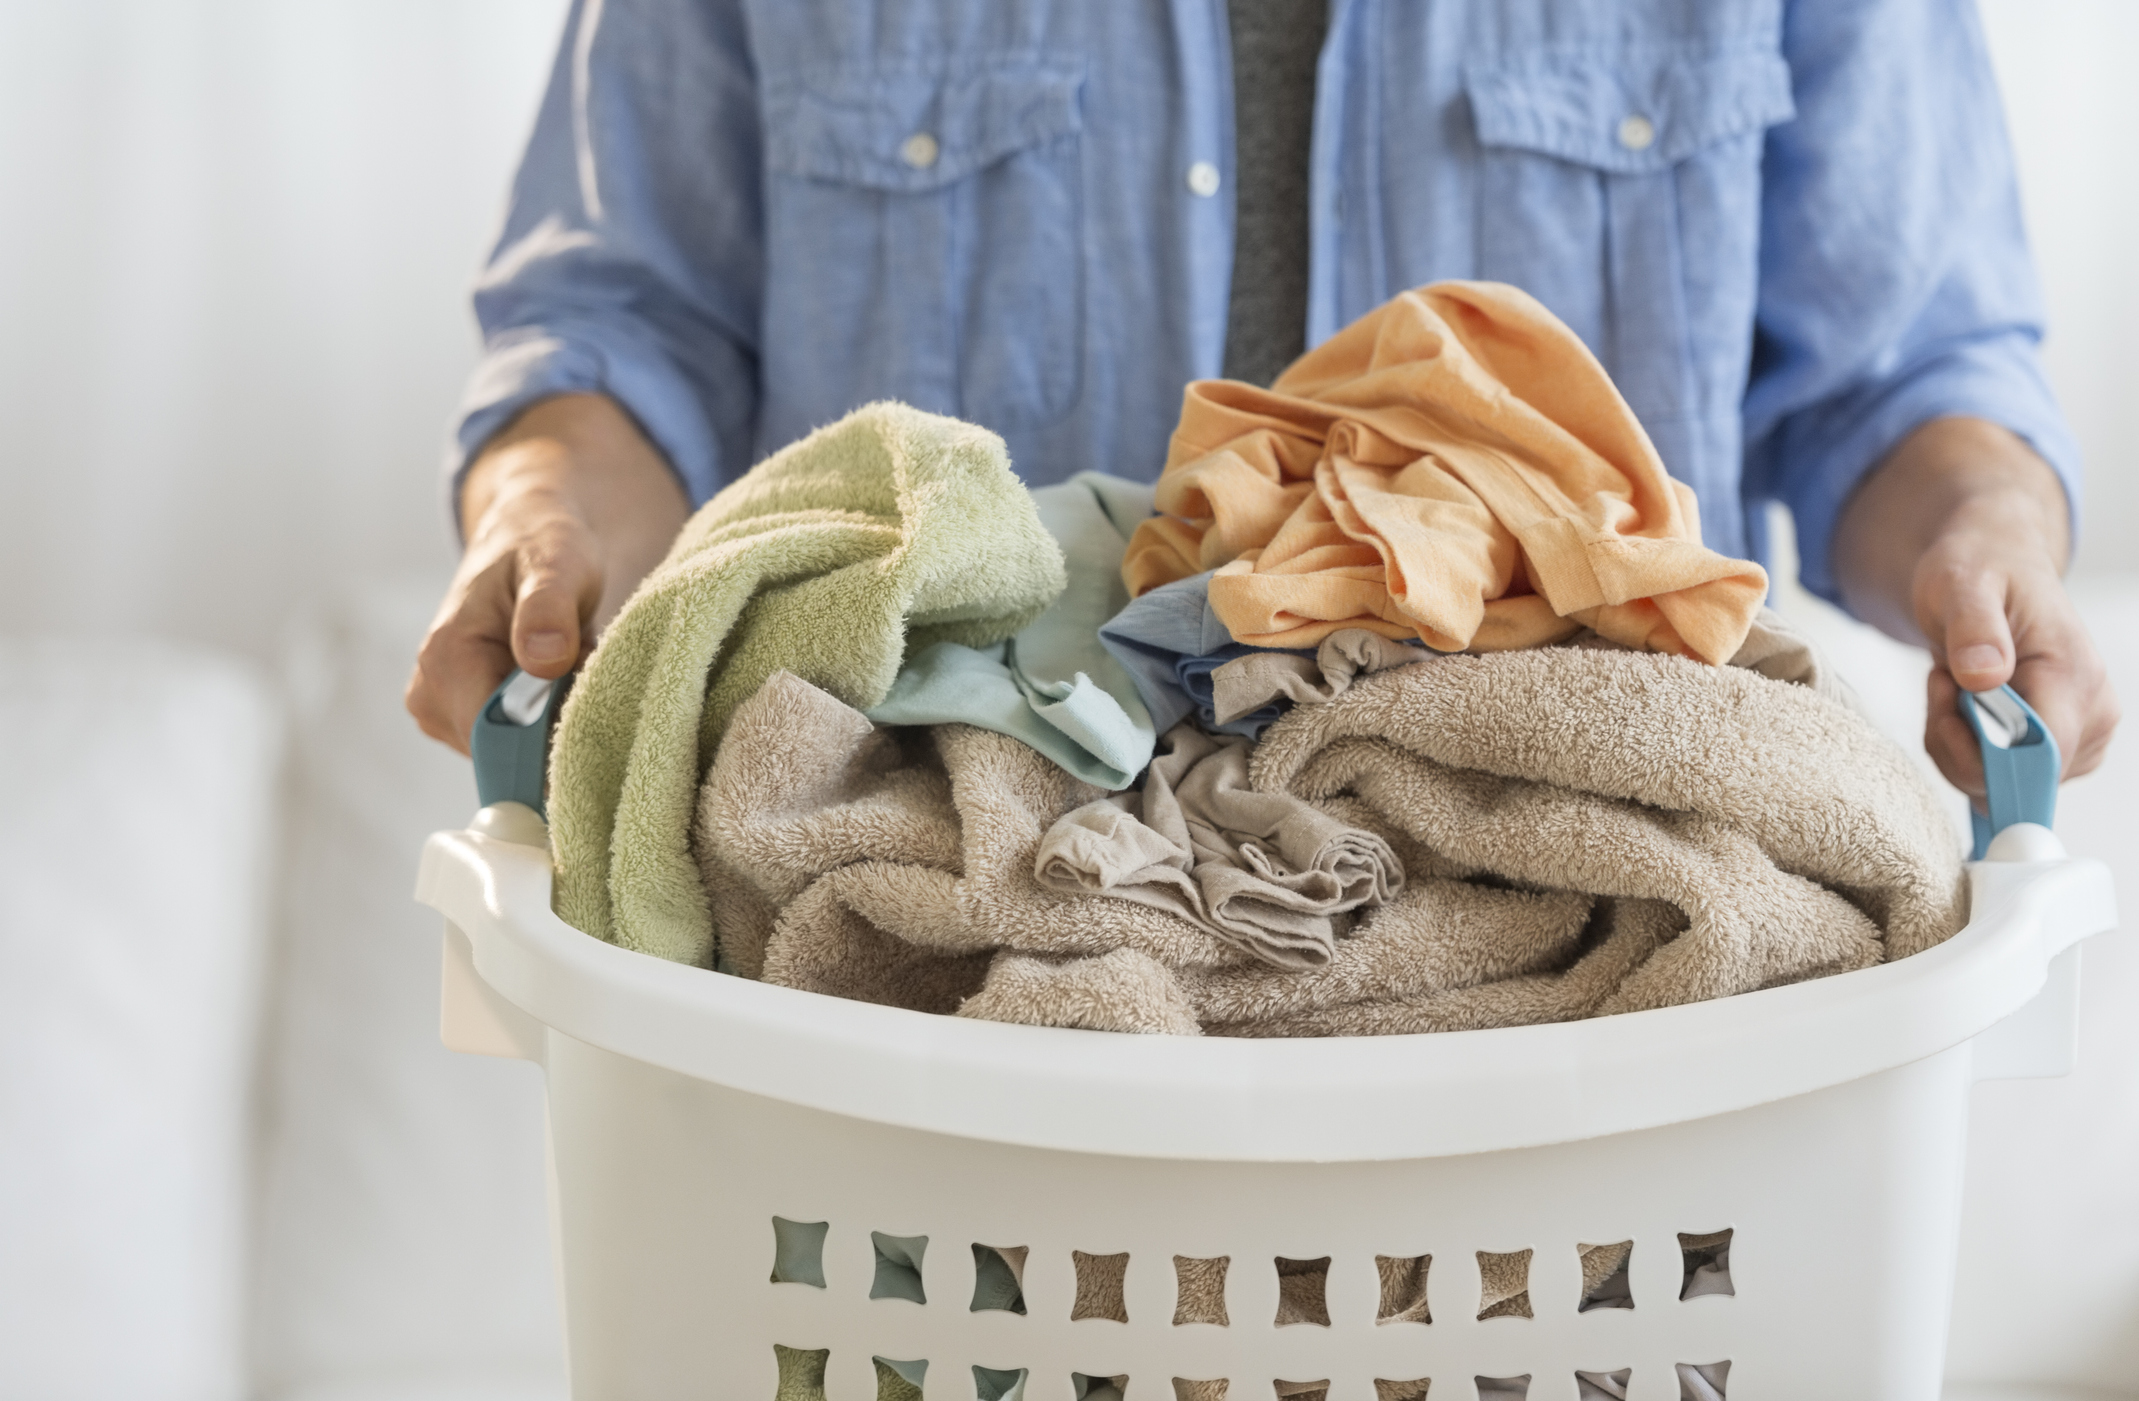 man holding laundry basket